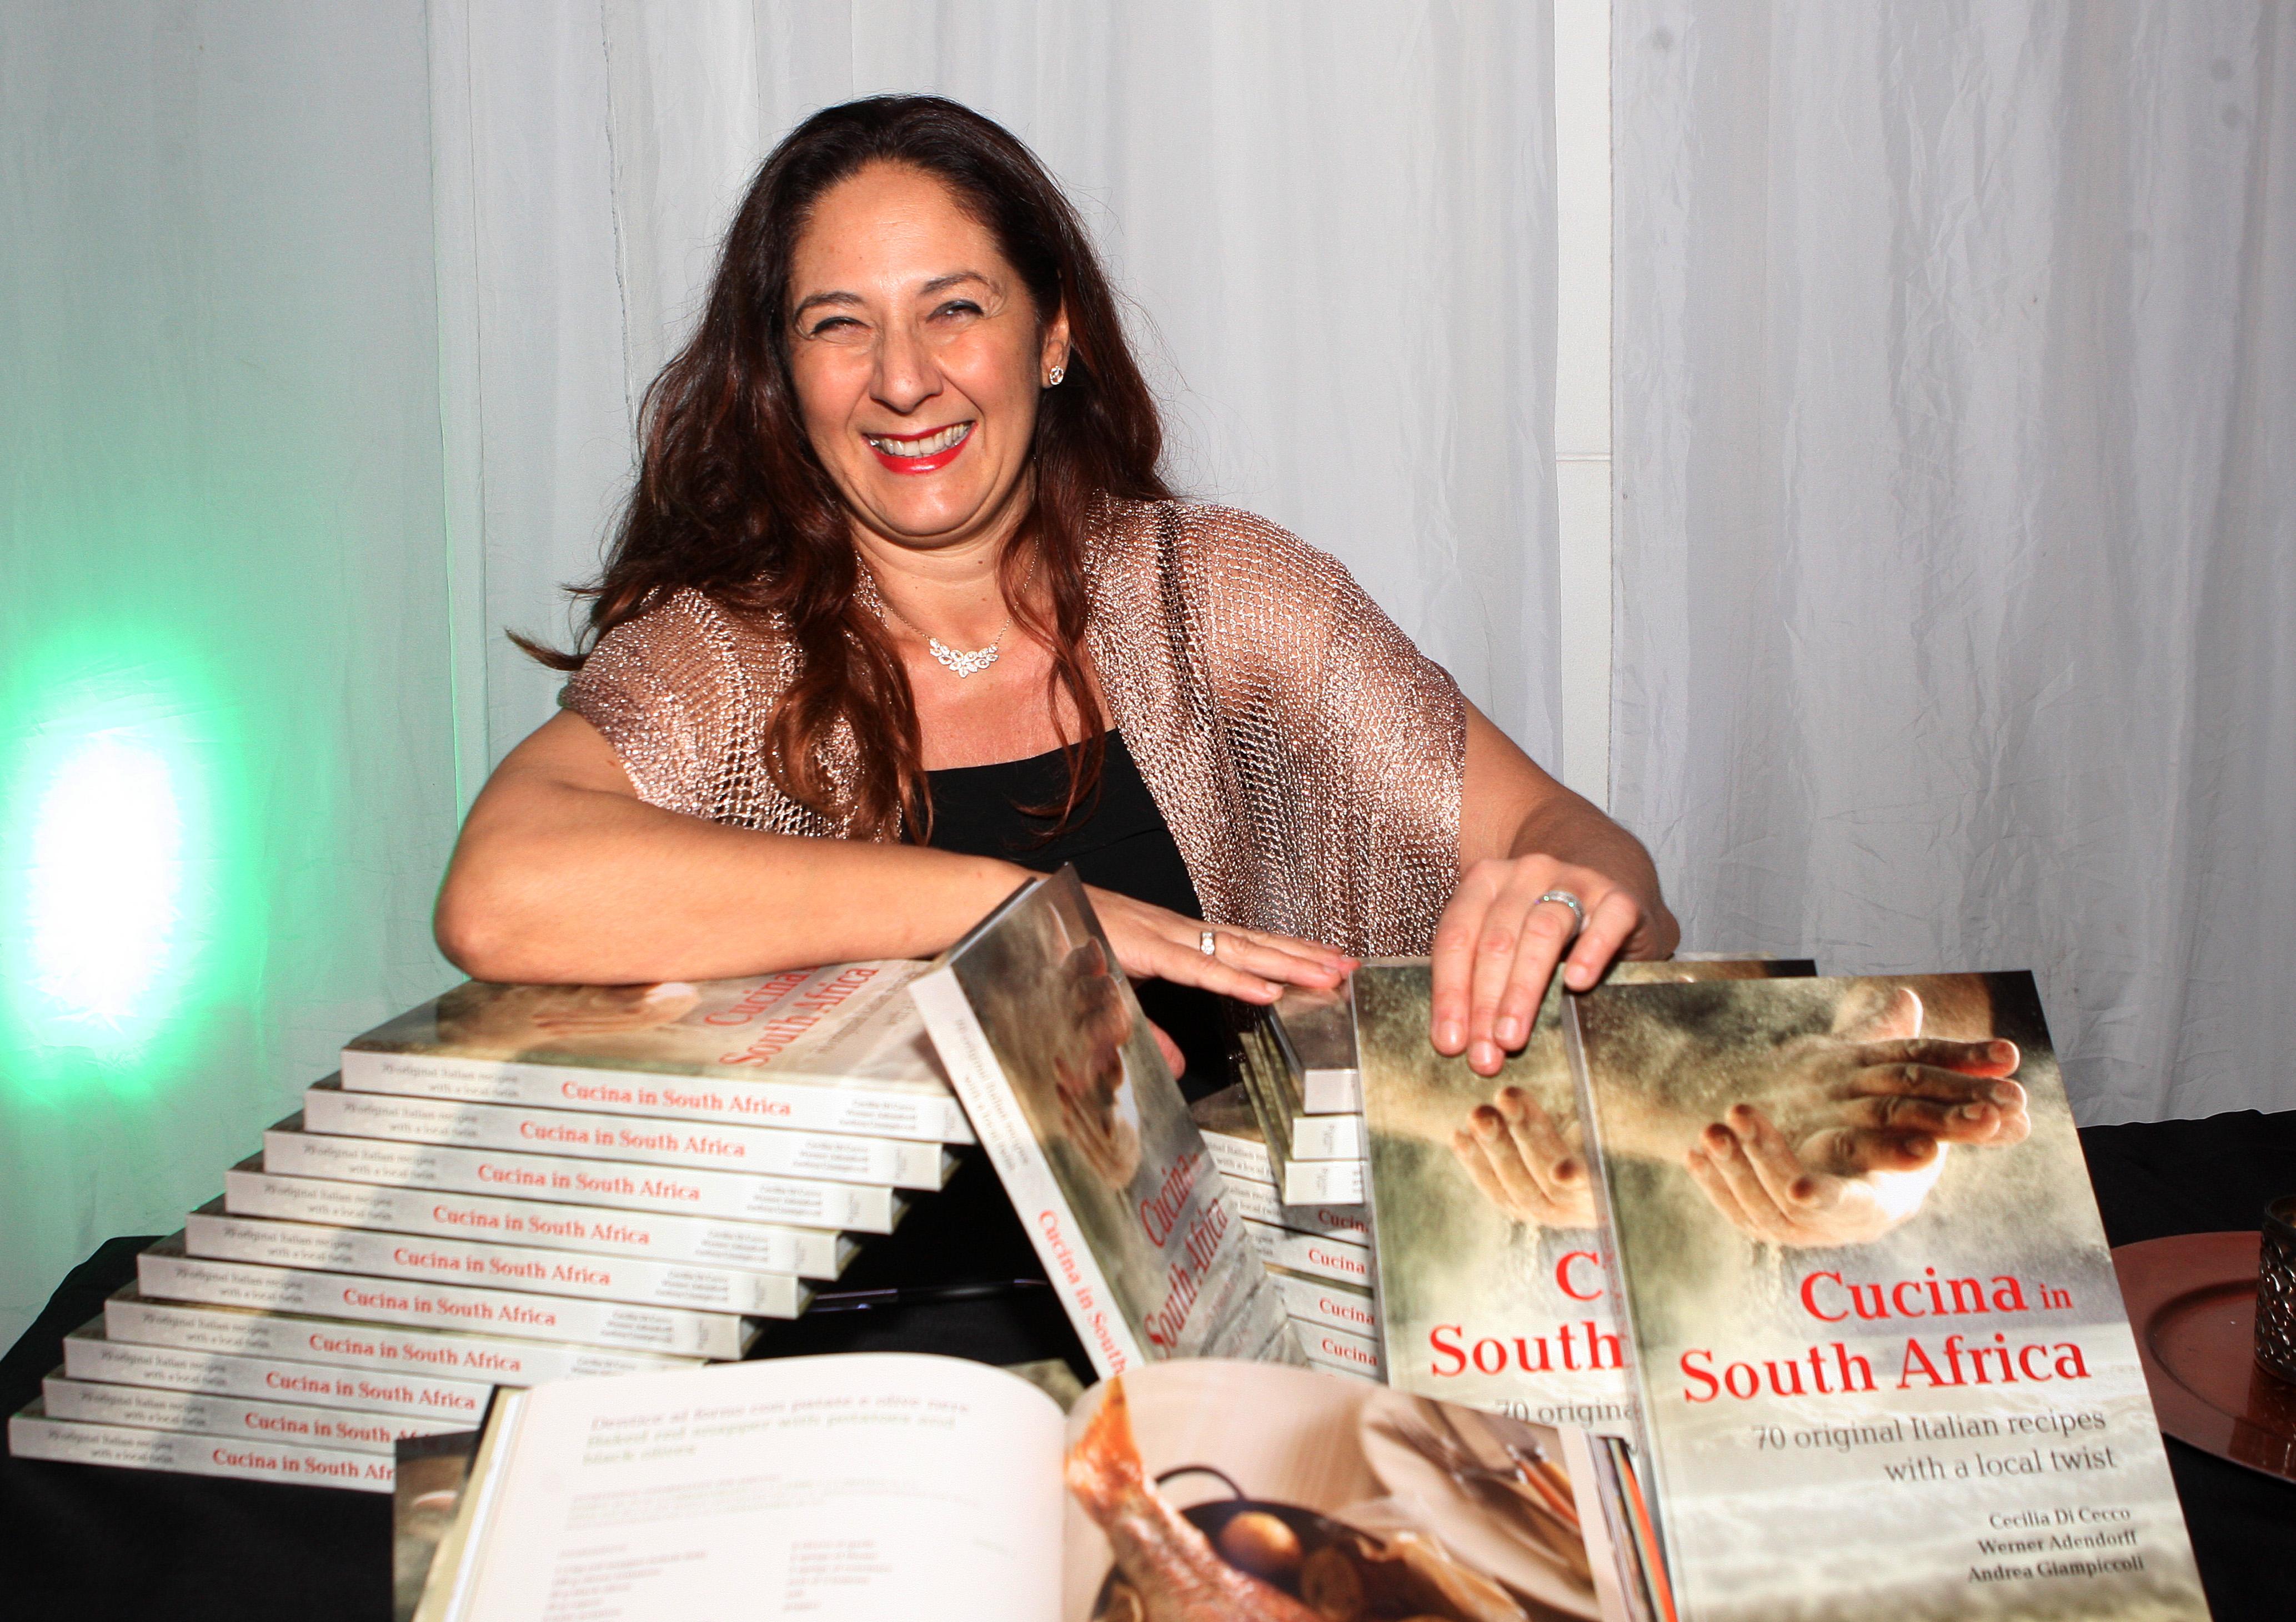 Chef Cecilia Di Cecco Launches A Cookbook photo